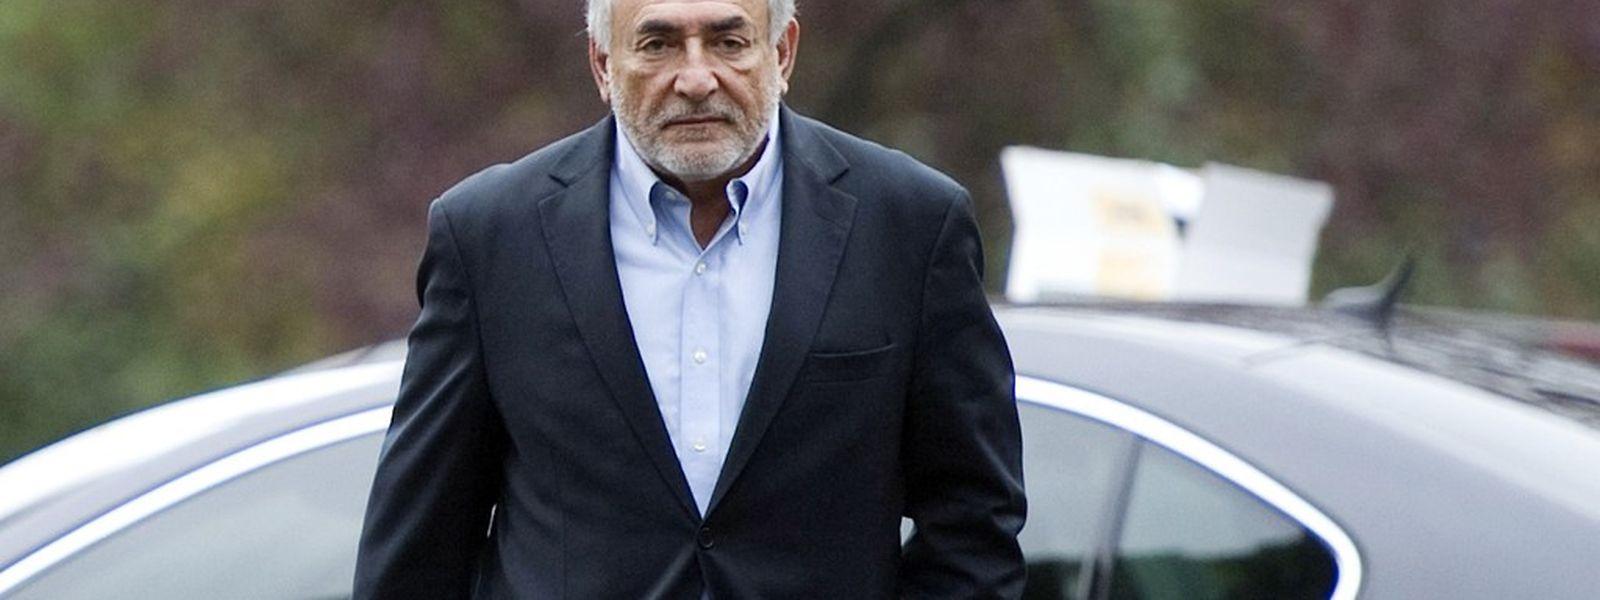 Assya asset management est contrôlée par LSK, la société d'investissement détenue en partie par l'ancien directeur du FMI, Dominique Strauss-Kahn.